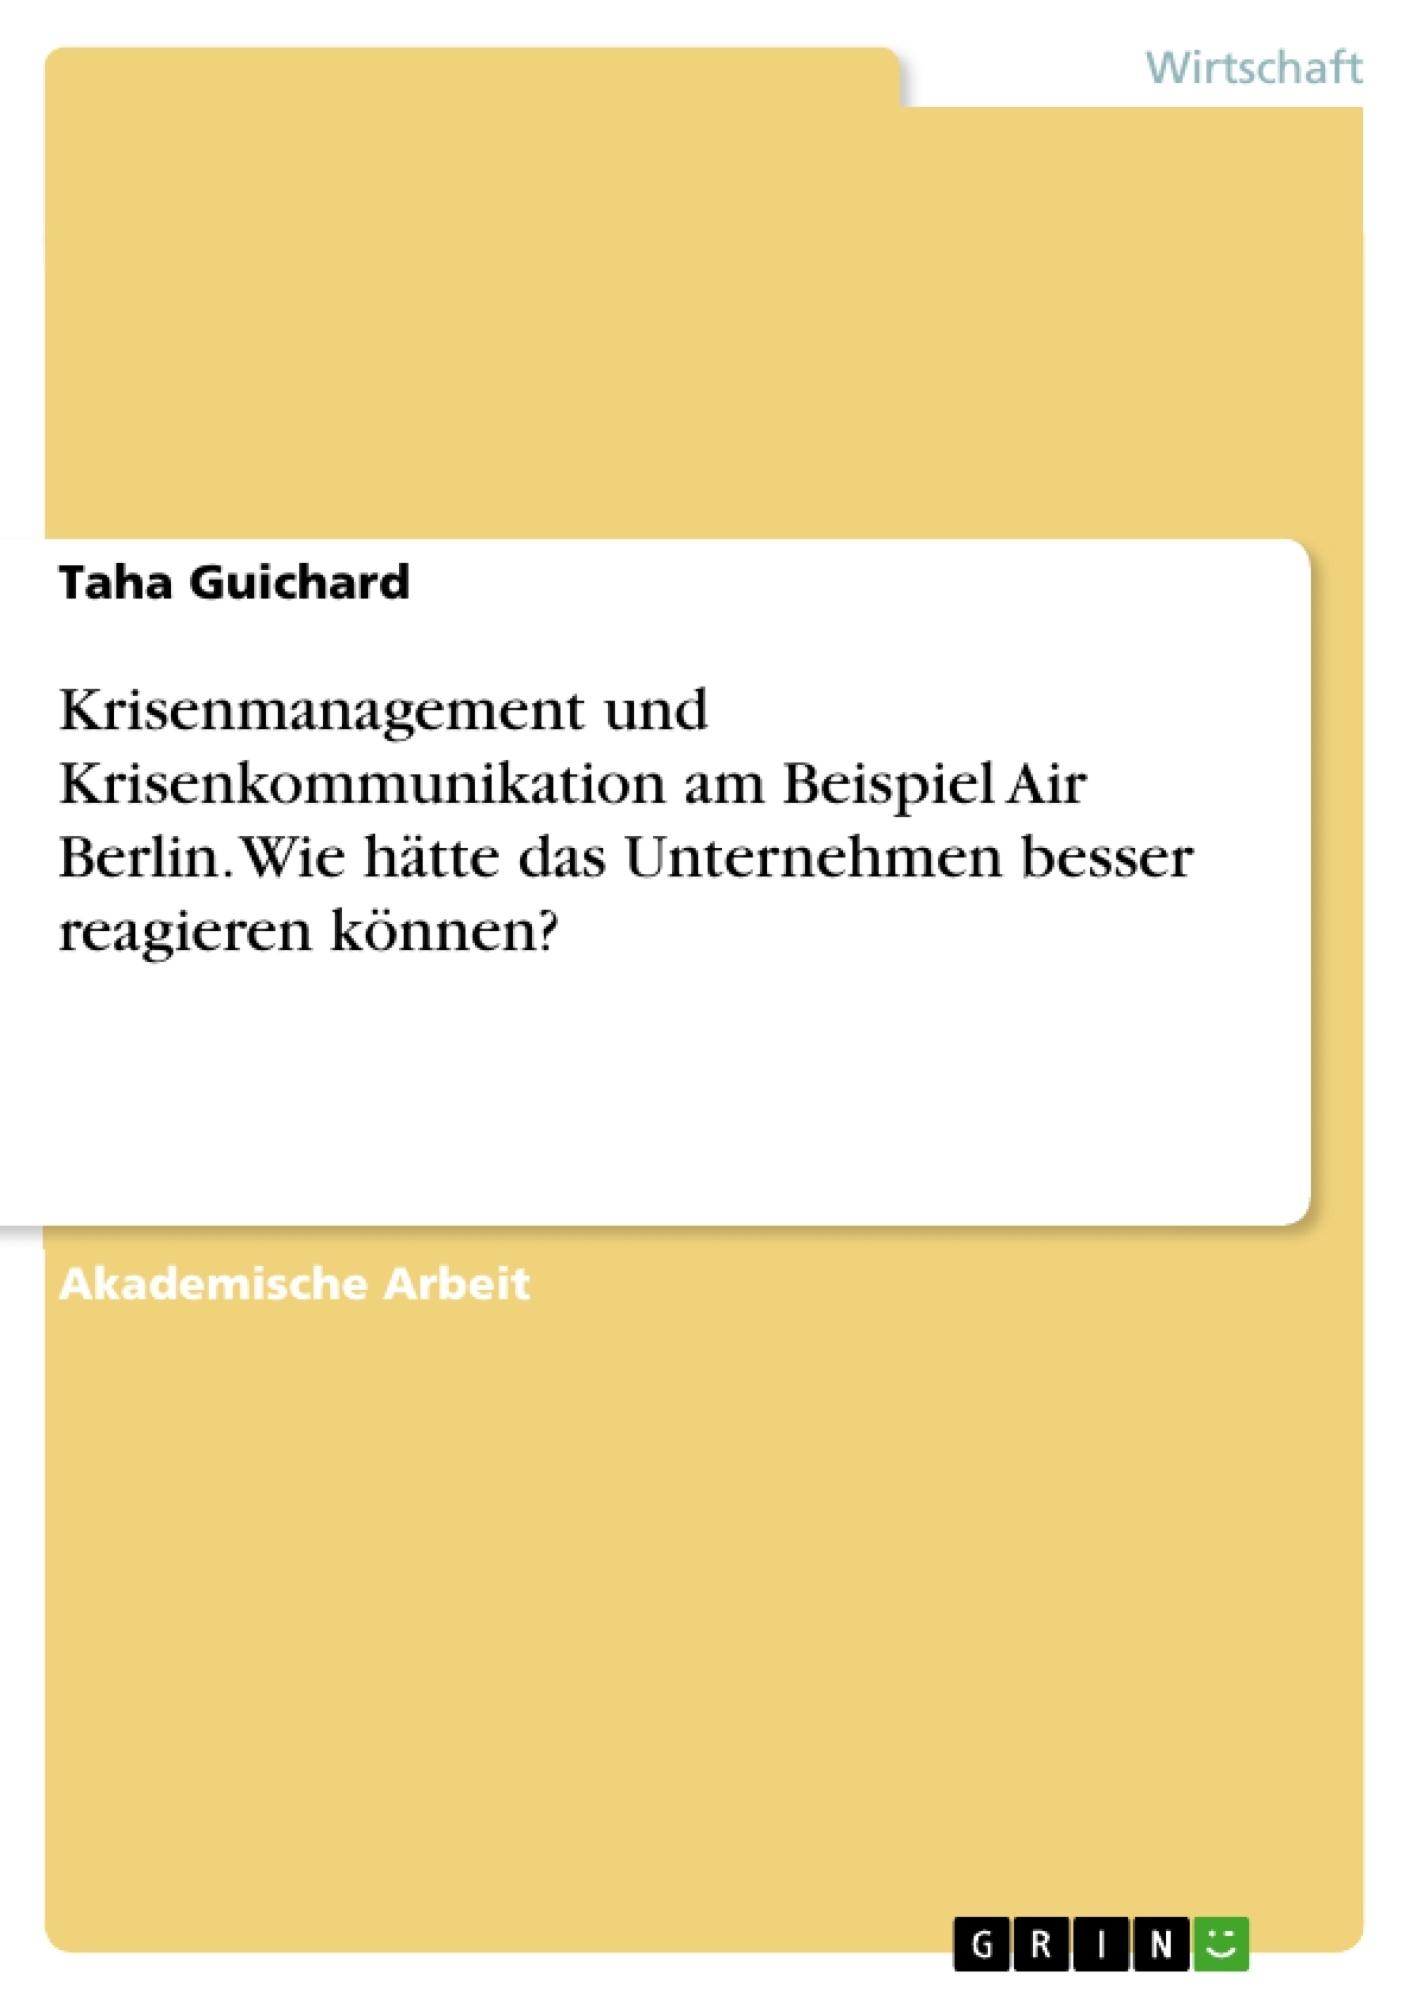 Titel: Krisenmanagement und Krisenkommunikation am Beispiel Air Berlin. Wie hätte das Unternehmen besser reagieren können?